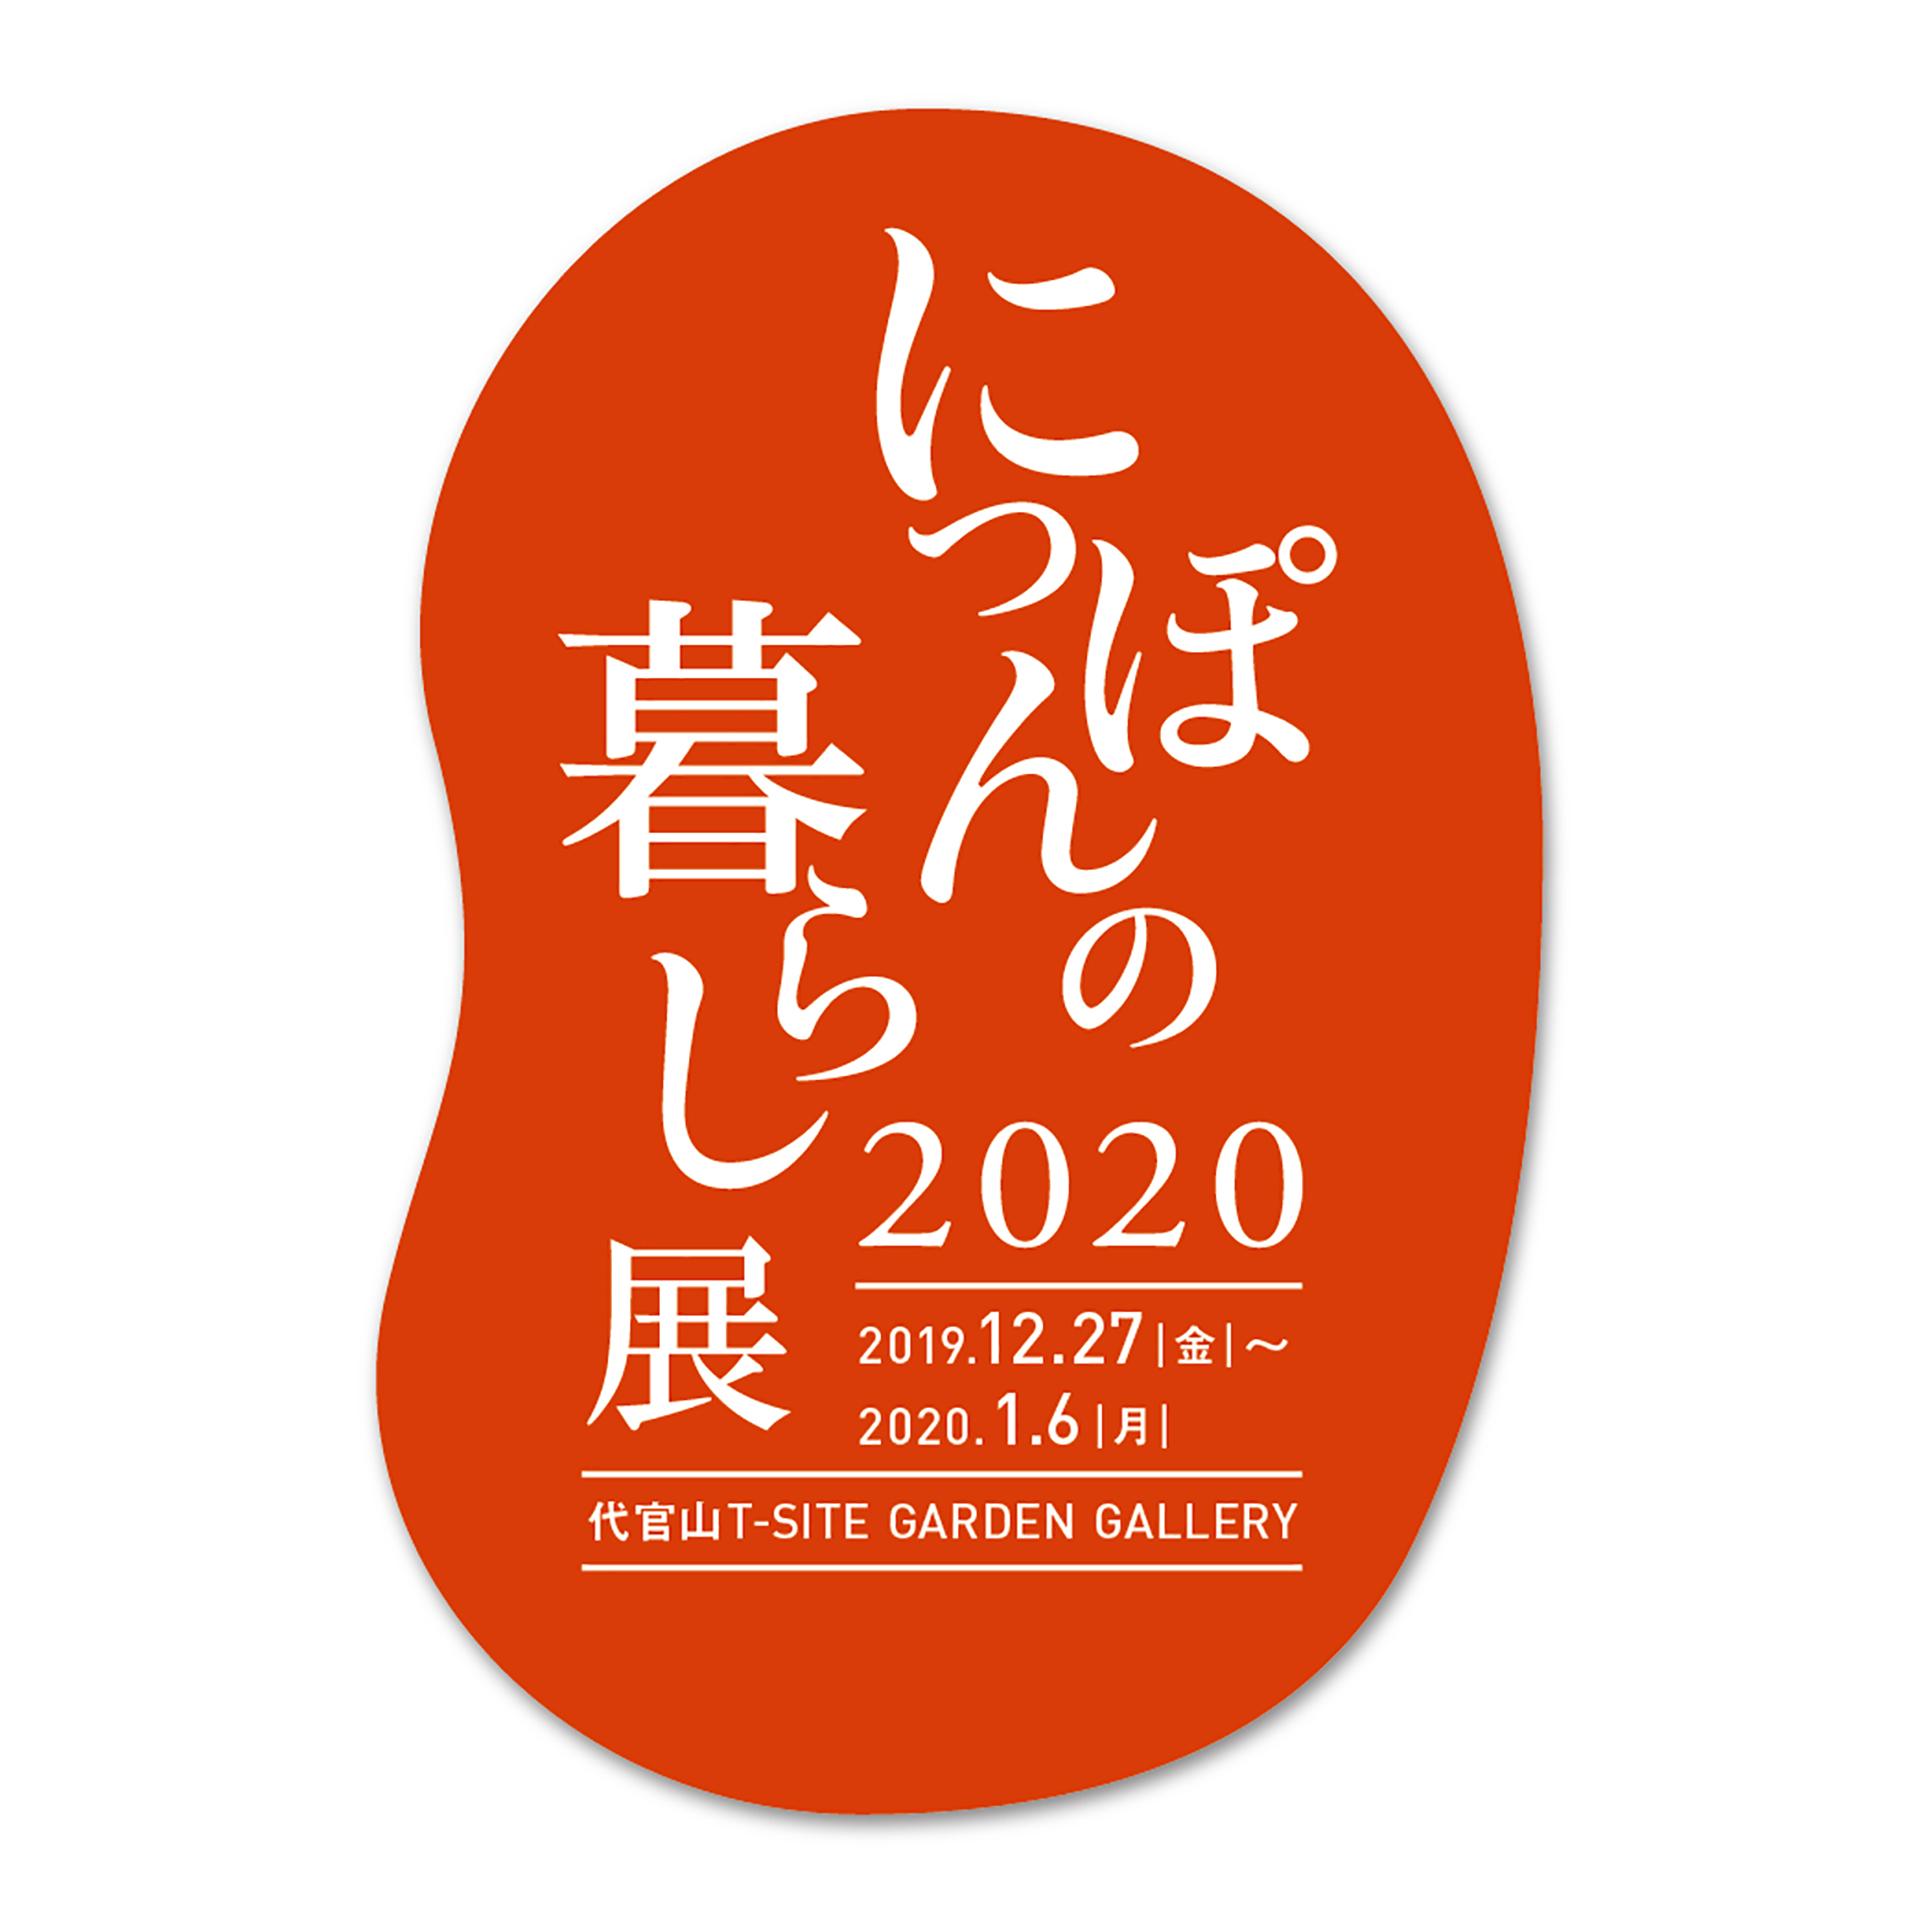 にっぽんの暮らし展2020バナー